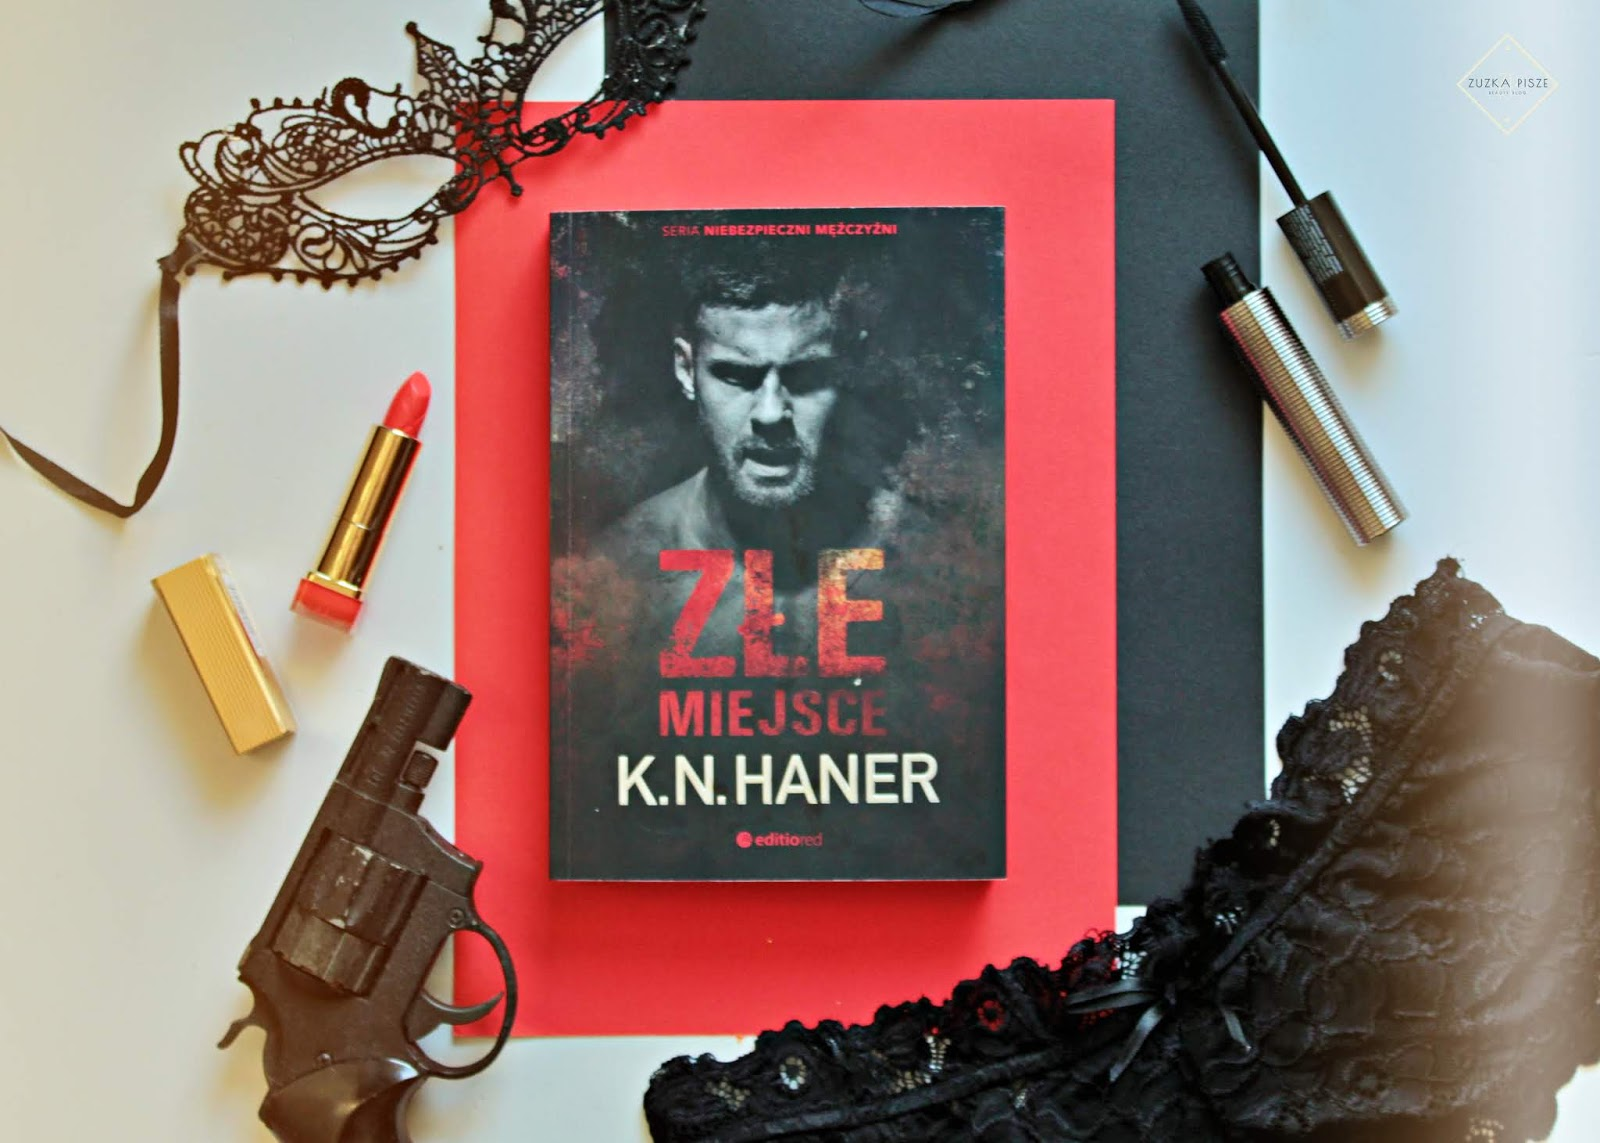 """K. N. Haner """"Złe miejsce"""" - PRZEDPREMIEROWA RECENZJA"""